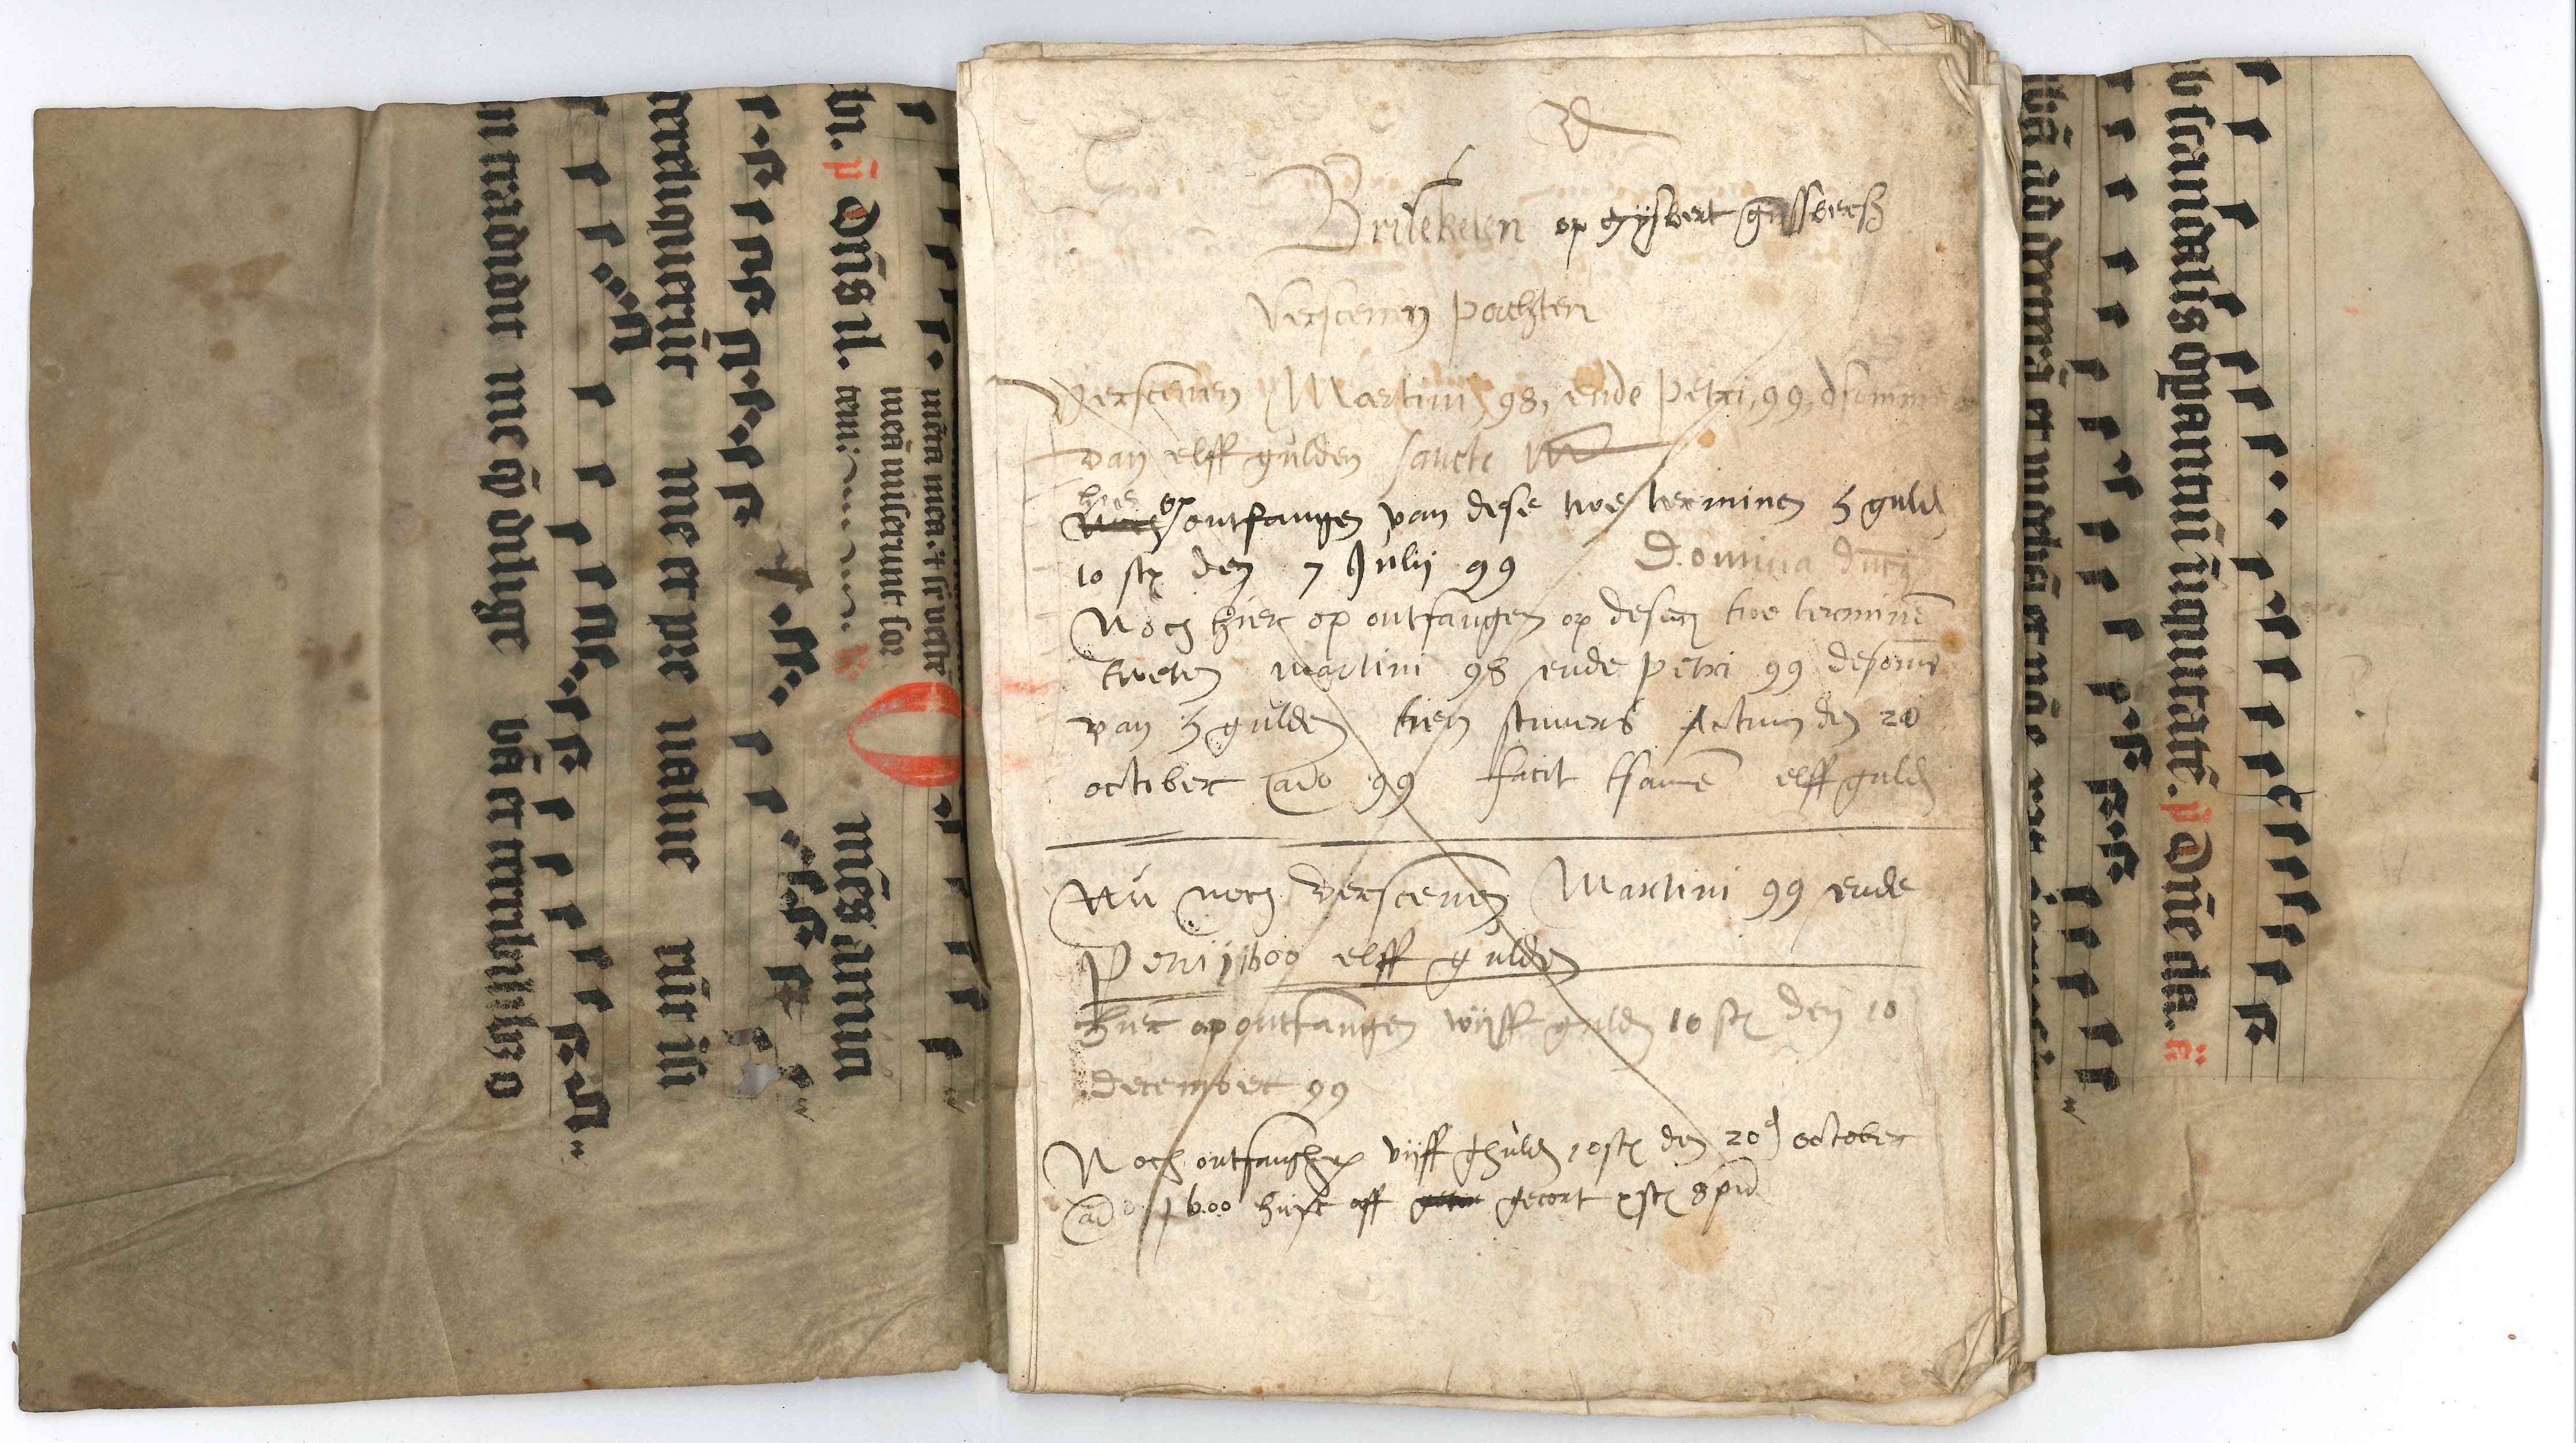 15e eeuws handschrift met maculatuur met lithurgische gezangen